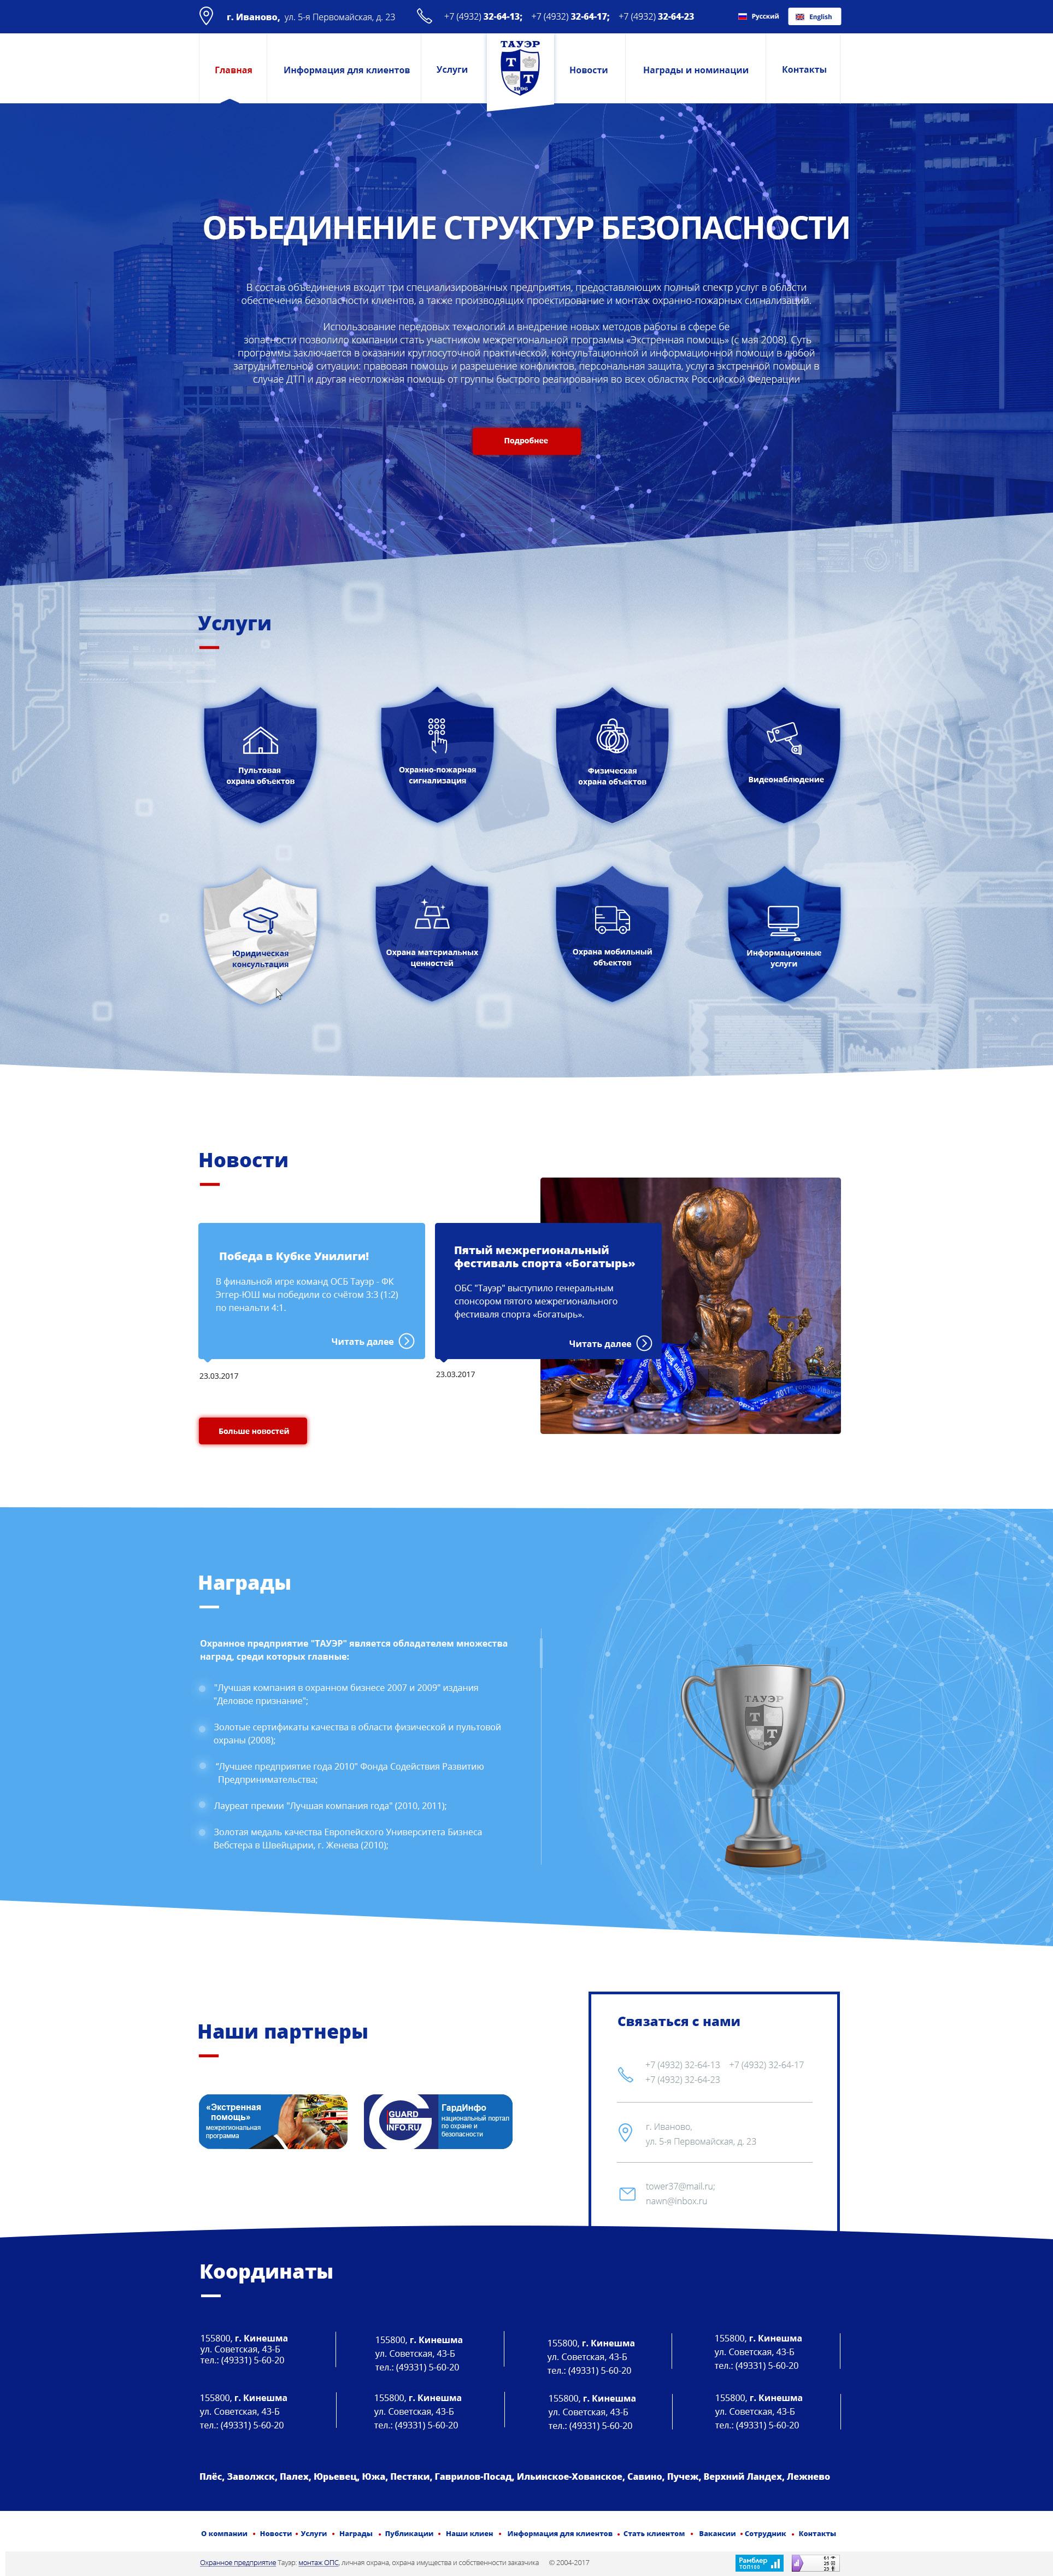 Редизайн существующего сайта компании (ЗАВЕРШЁН) фото f_36558f9cf7c5a961.jpg